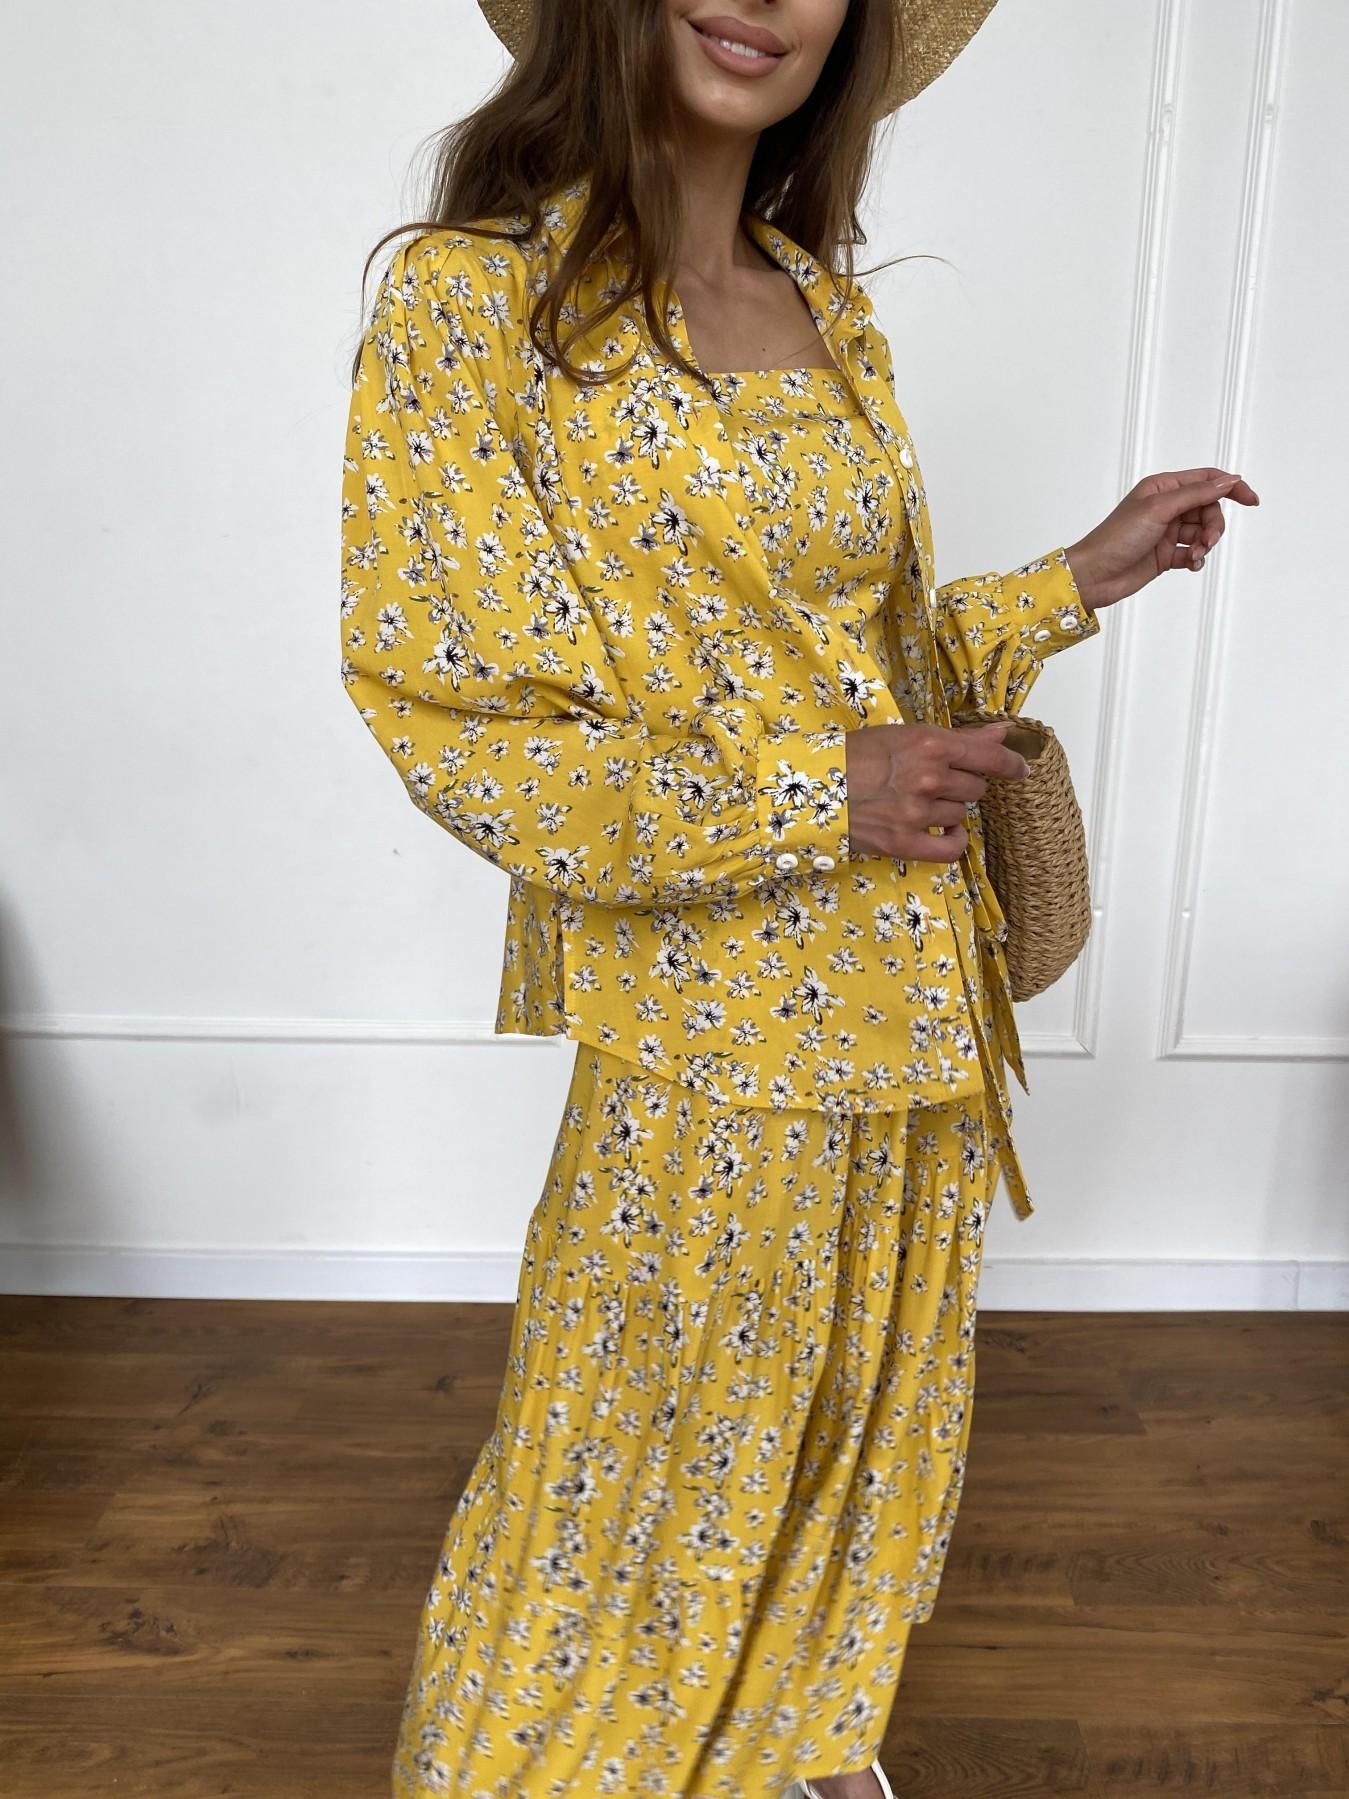 Ницца костюм из штапеля с принтом 11412 АРТ. 47960 Цвет: Желтый/БелыеЦветочки - фото 8, интернет магазин tm-modus.ru